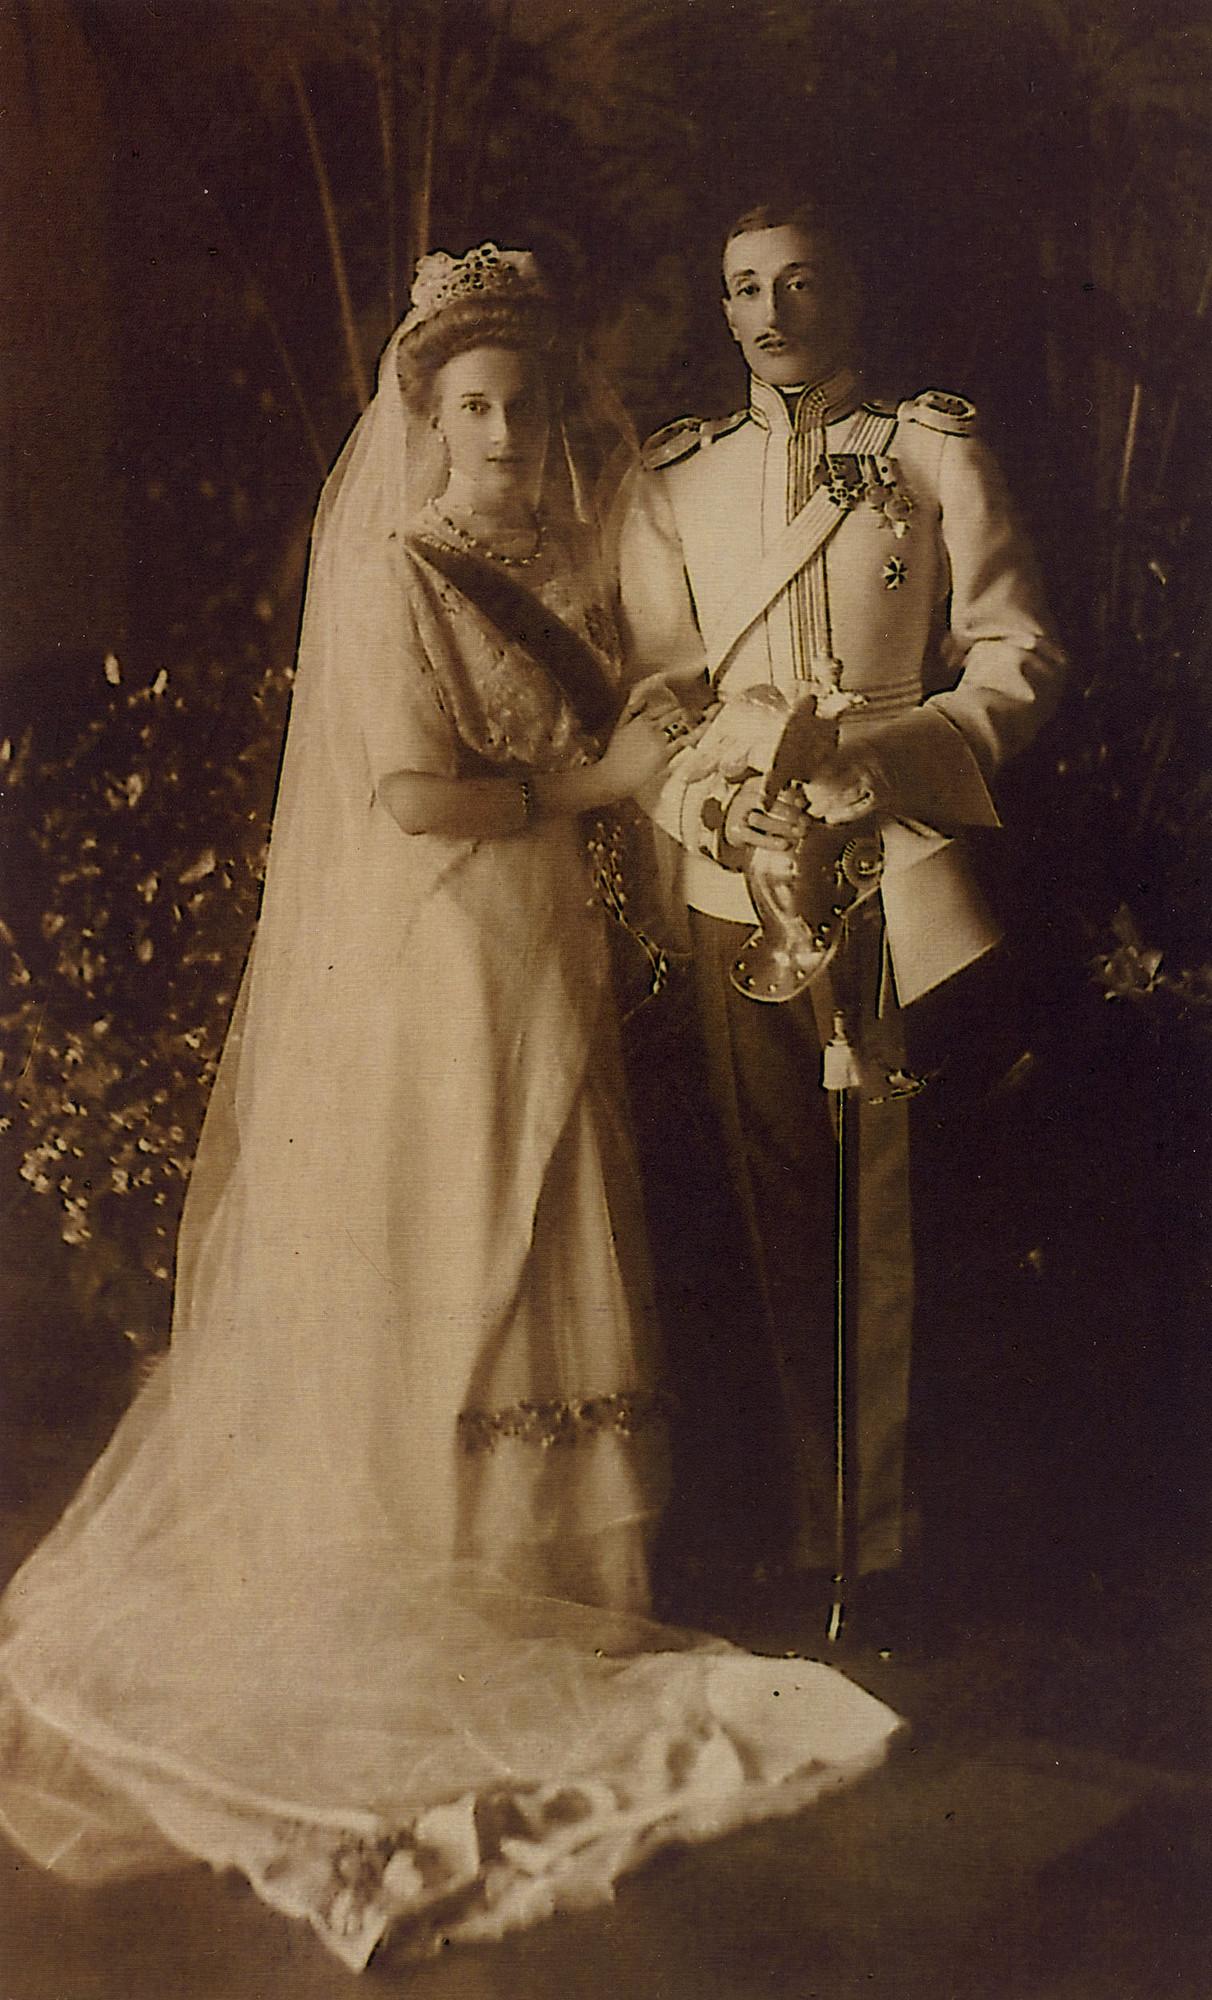 Ein Hochzeitsfoto des georgischen Prinzen Konstantine Bagration von Mukhrani und Prinzessin Tatjana Konstantinowna.